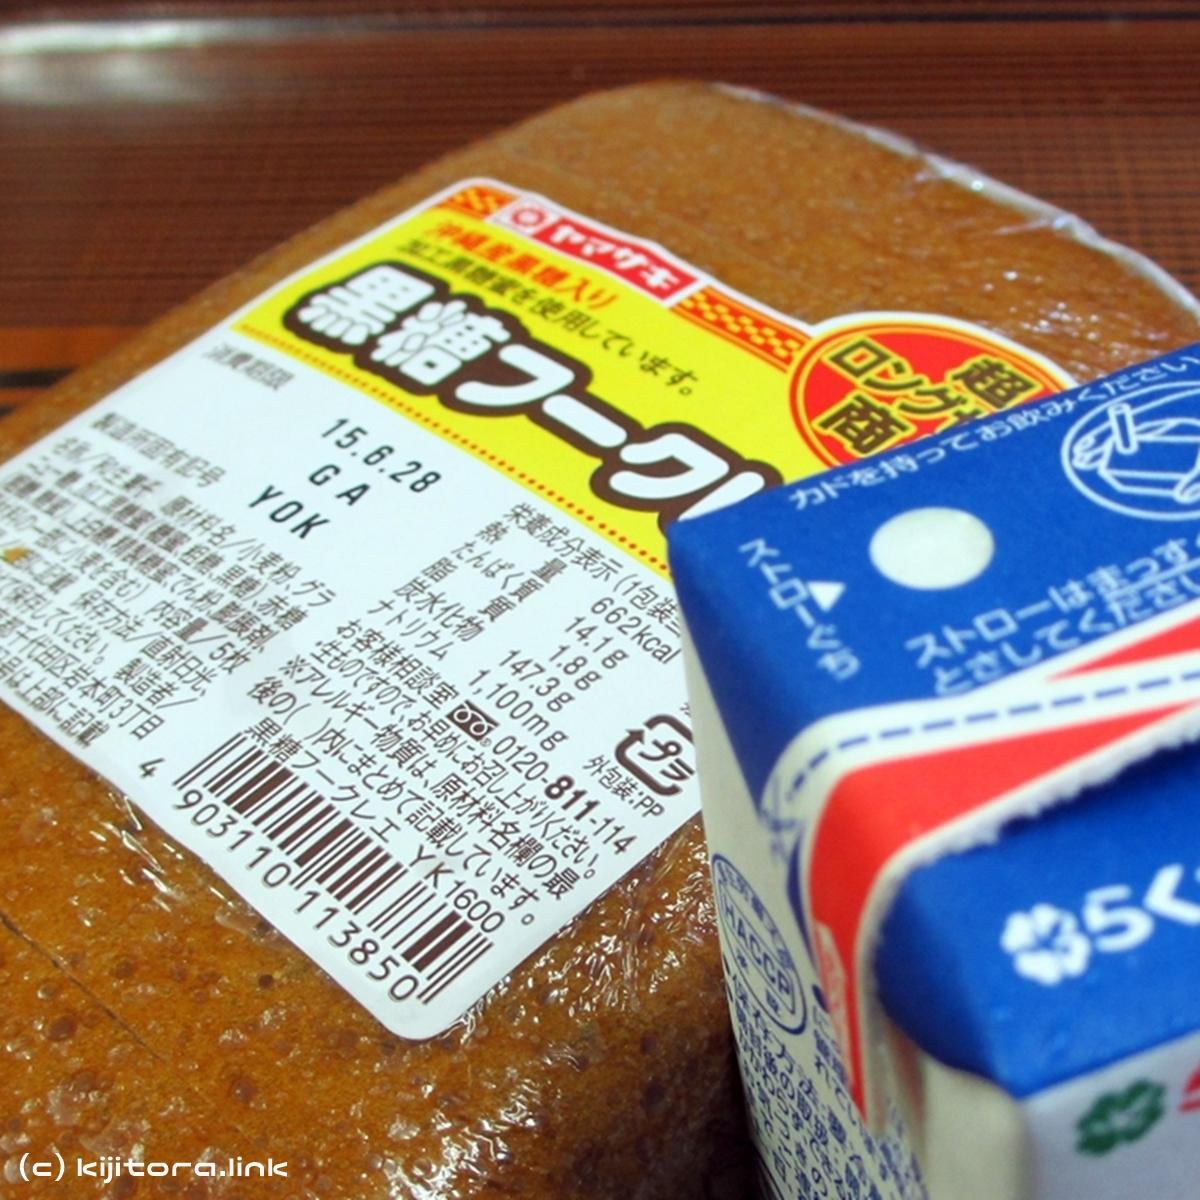 ヤマザキ黒糖フークレエと牛乳